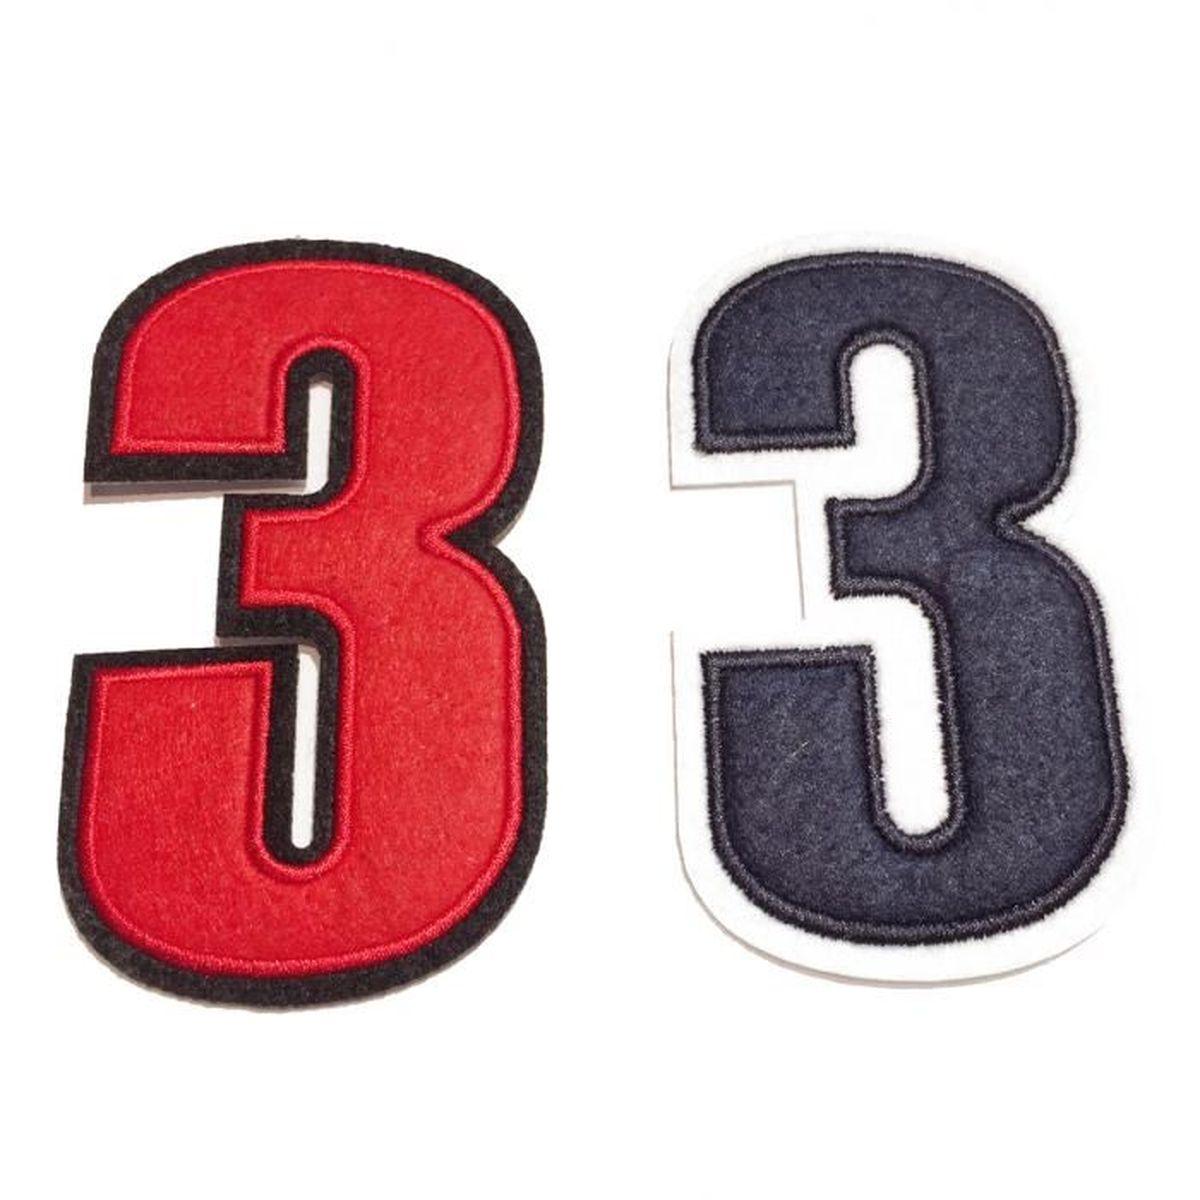 ecusson brodé à coudre couleur rouge motif de chiffre au choix – 3